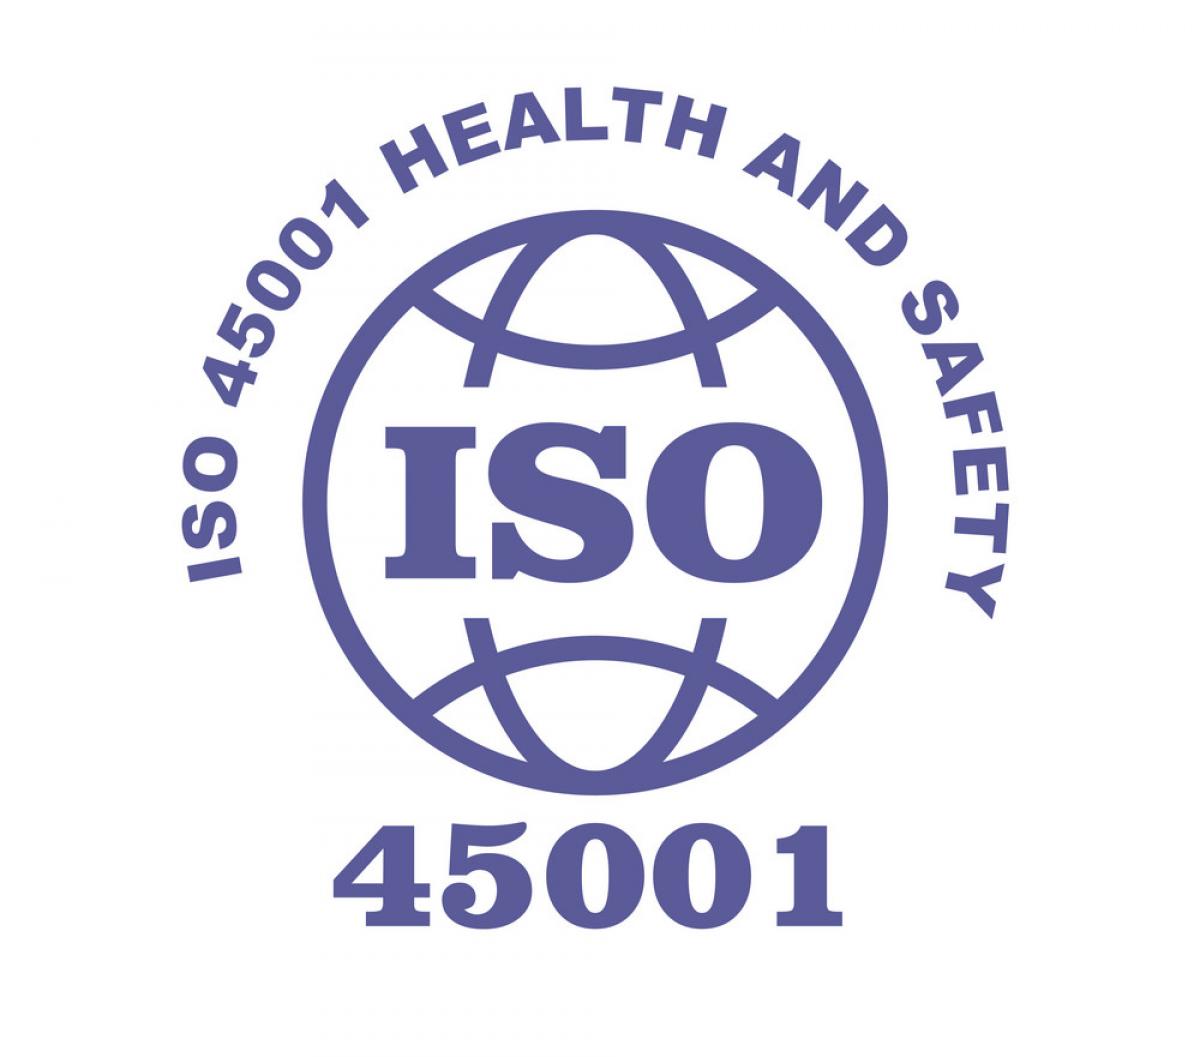 İş Sağlığı ve Güvenliği Yönetim Sistemi